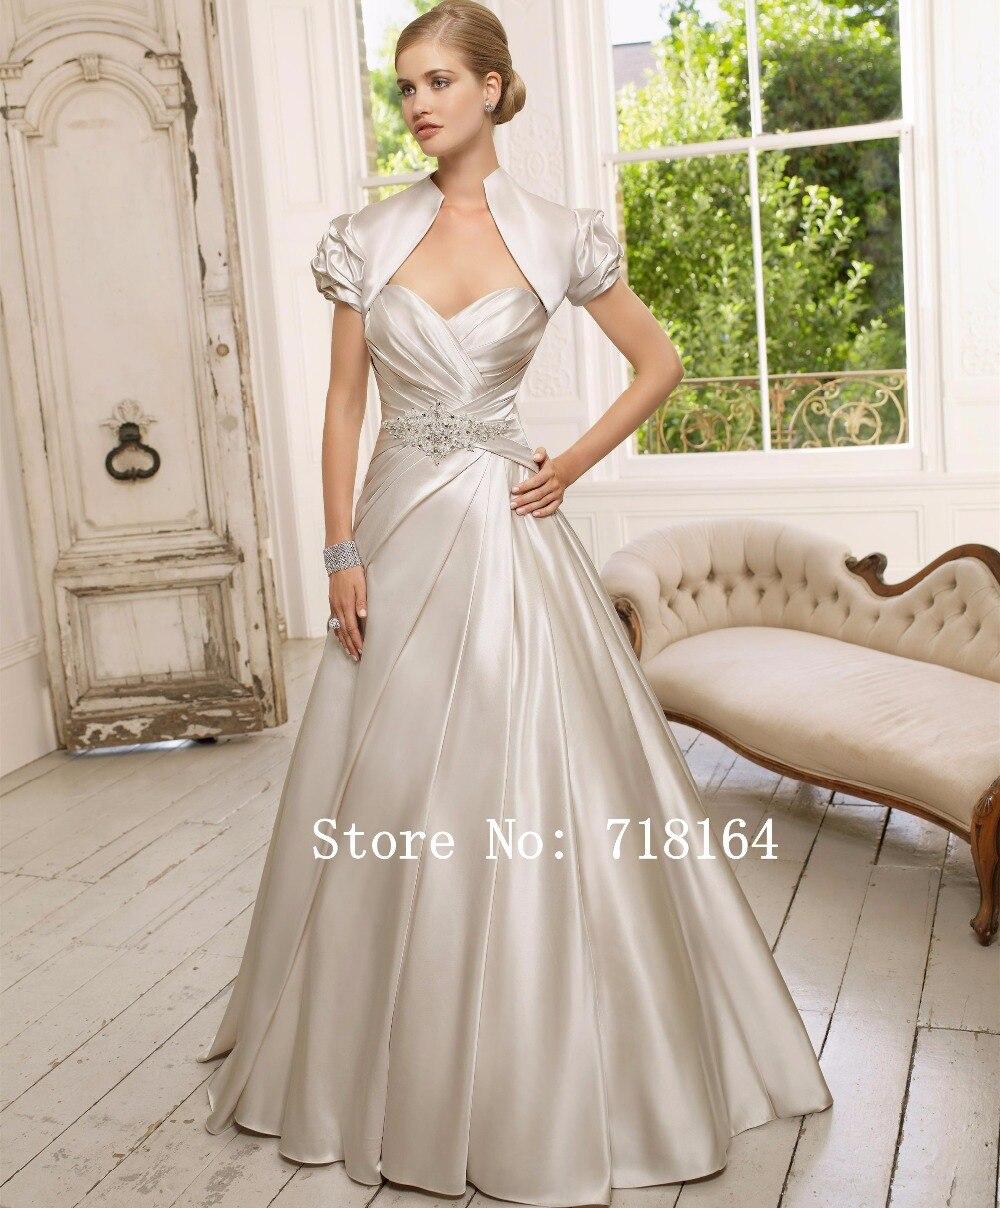 Blanco marfil champagne satinado vestido de novia con la chaqueta de ...